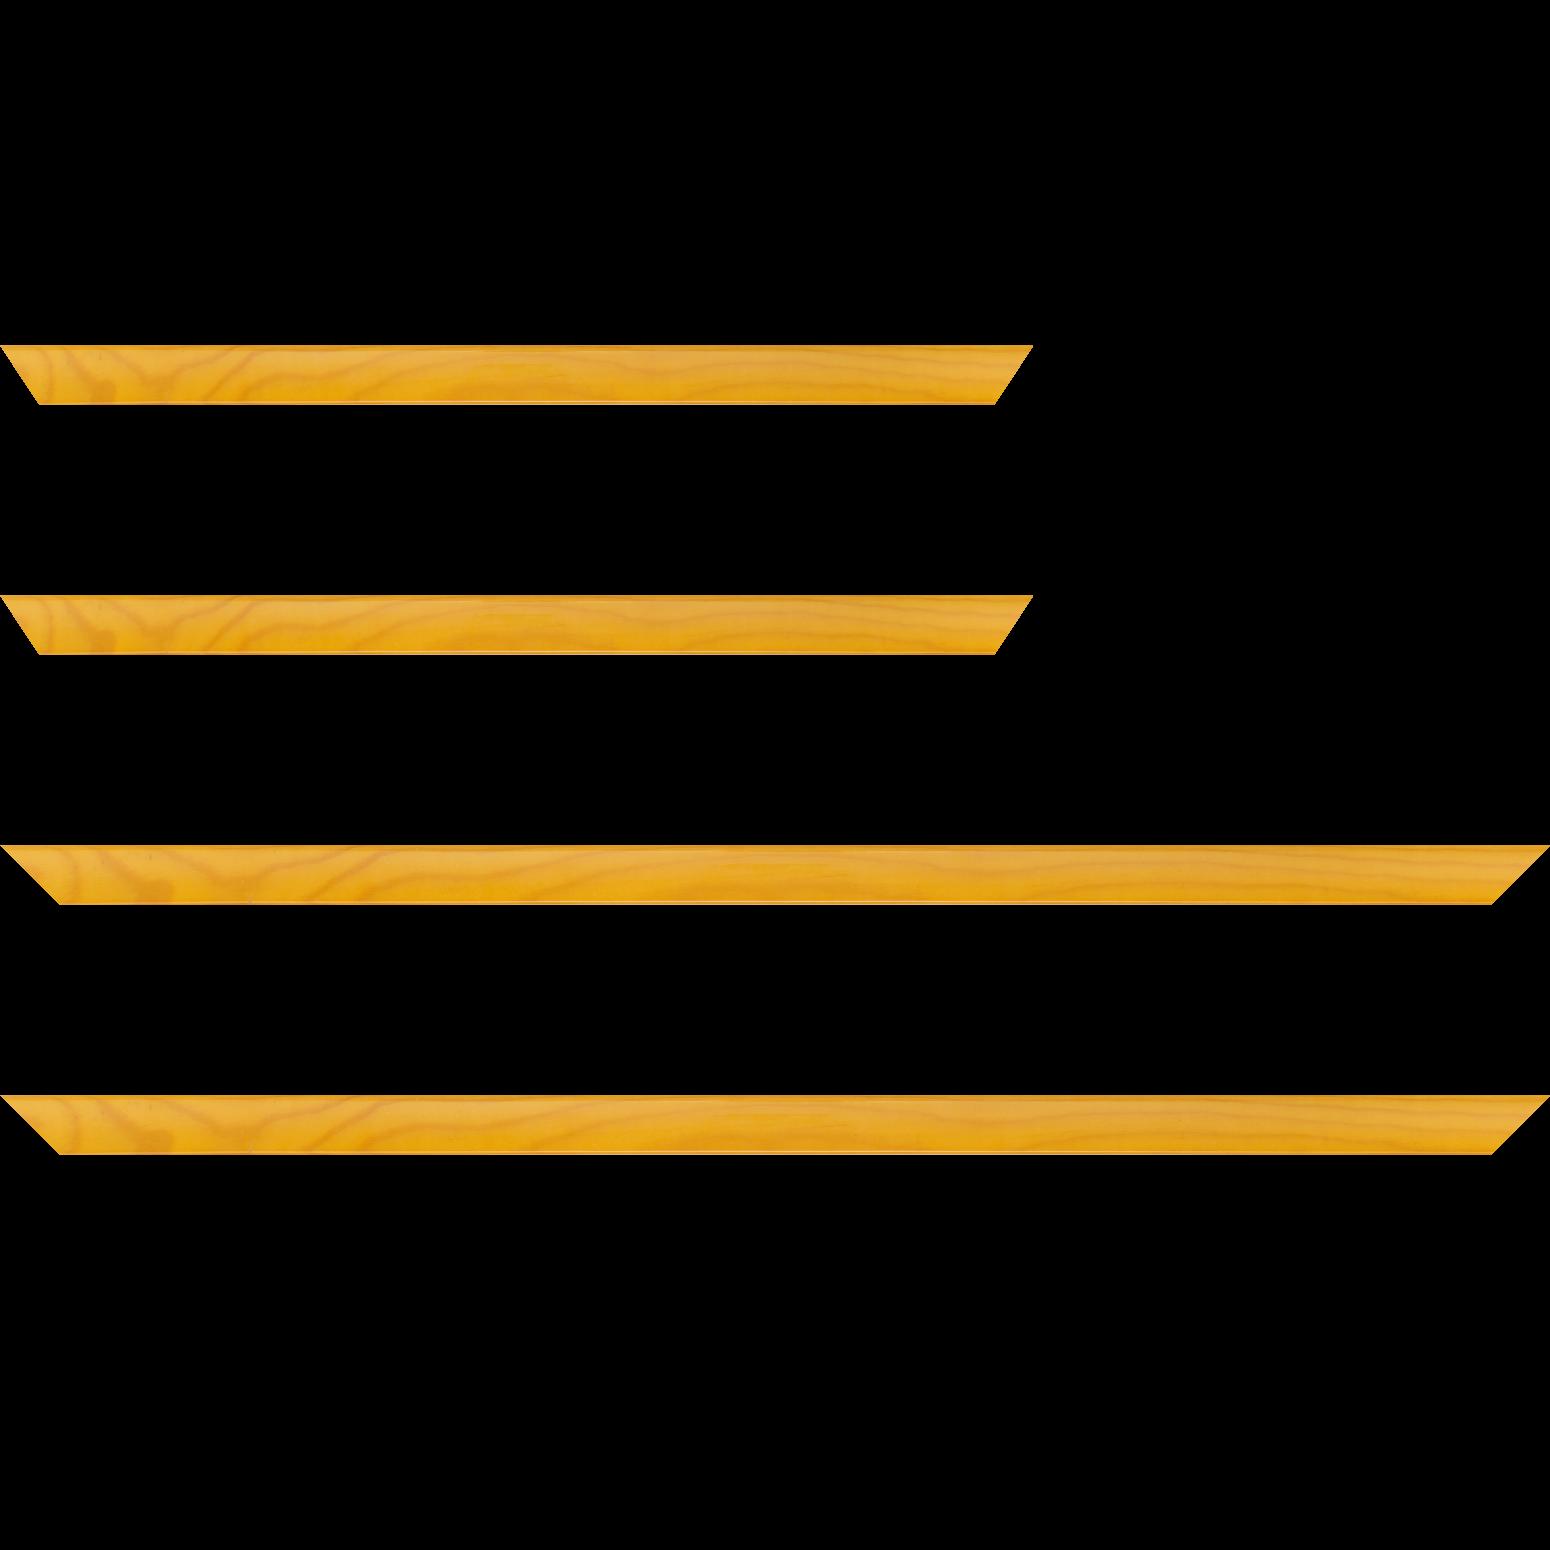 Baguette service précoupé Bois profil arrondi plongeant largeur 2cm couleur jaune vernis sur pin (veine du bois apparent)